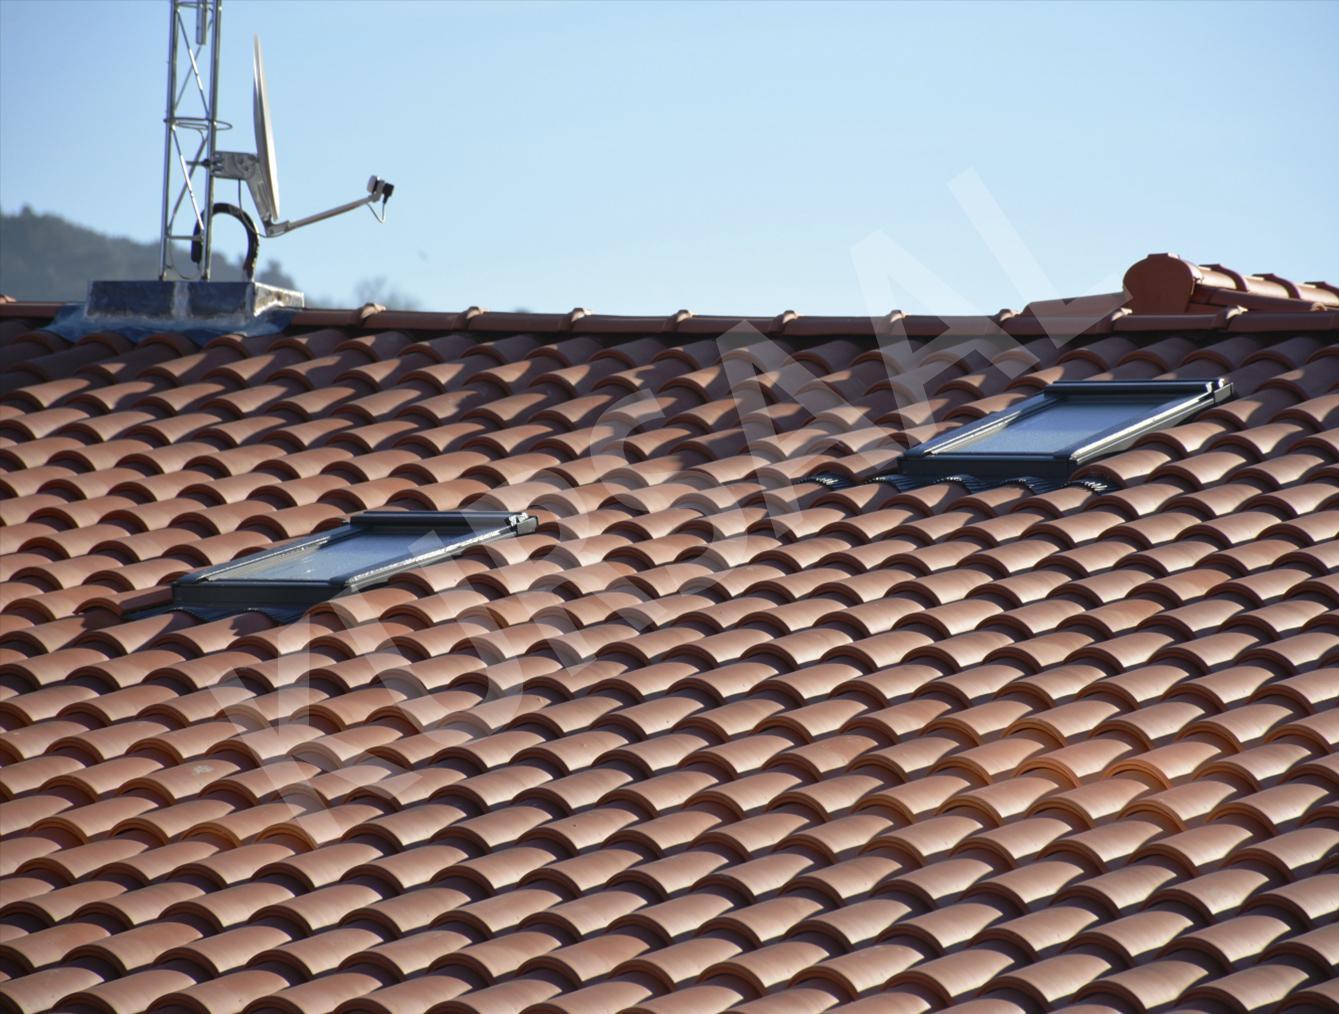 foto 11 - Aislamientos Térmicos y Eficiencia Energética-Calzada de Oleta 17-DONOSTIA